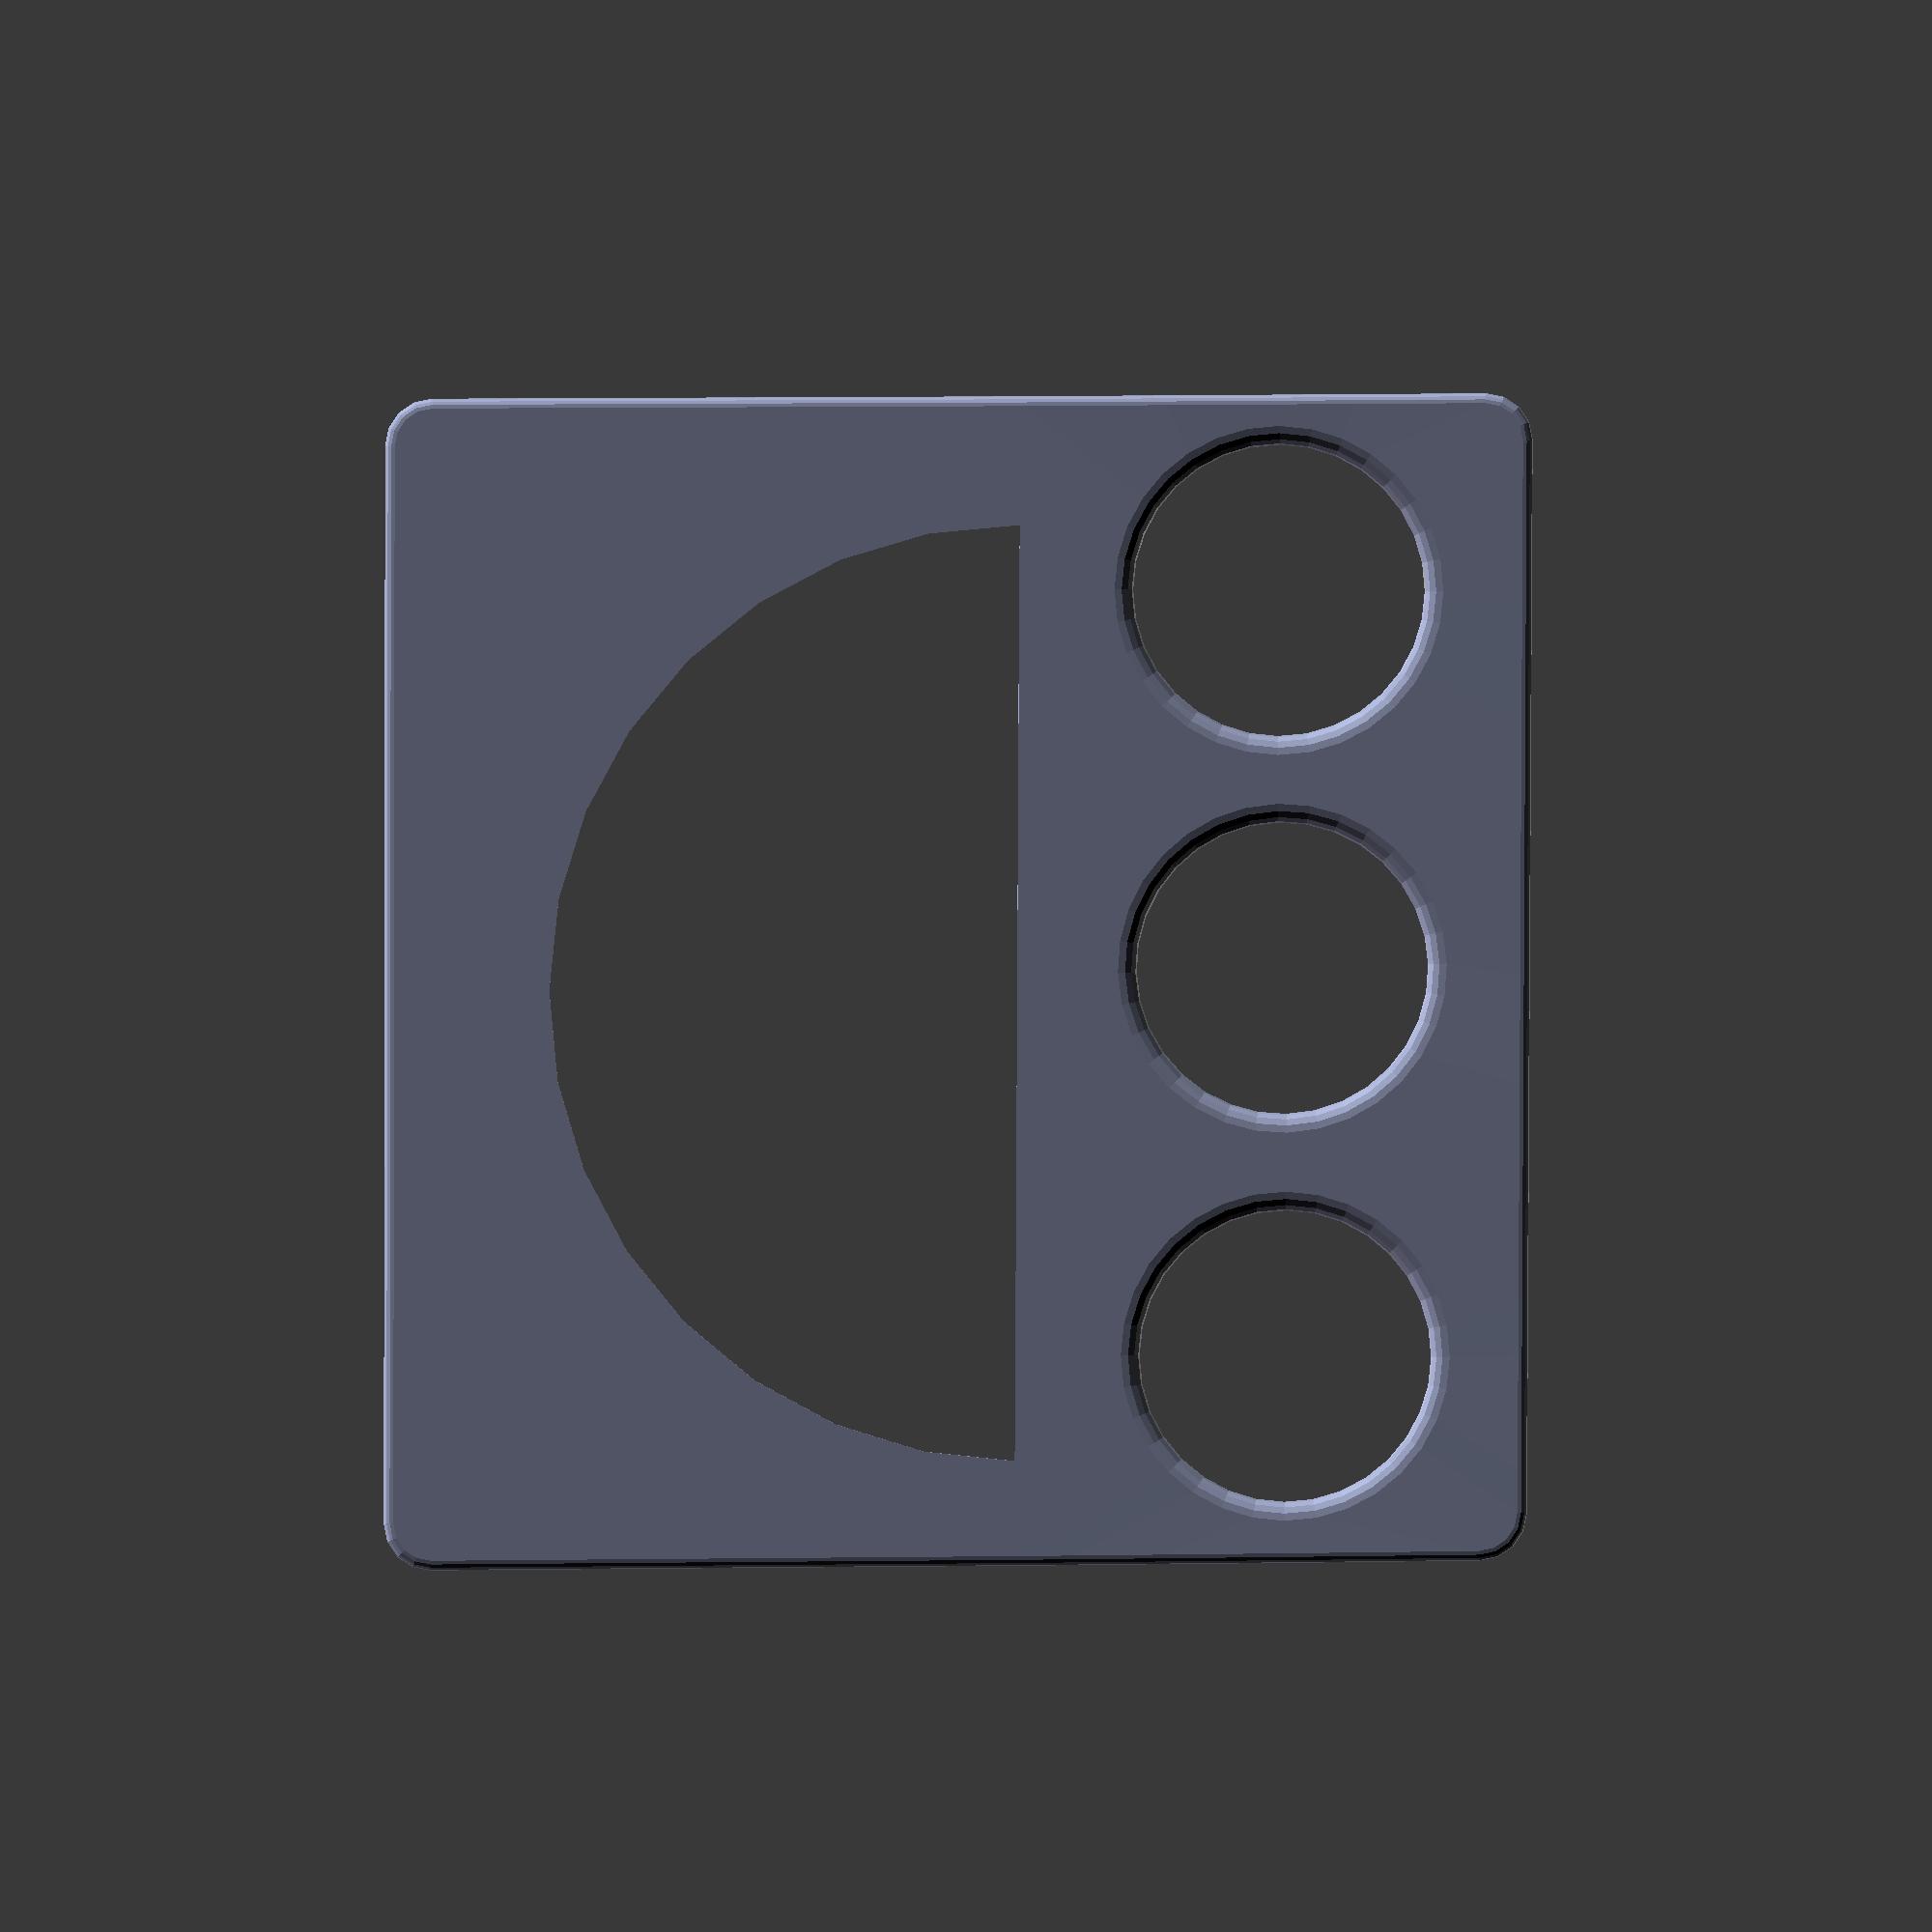 scale1.png Télécharger fichier OBJ gratuit Échelle (machine à dessiner des lignes et des cercles) • Modèle à imprimer en 3D, meharban